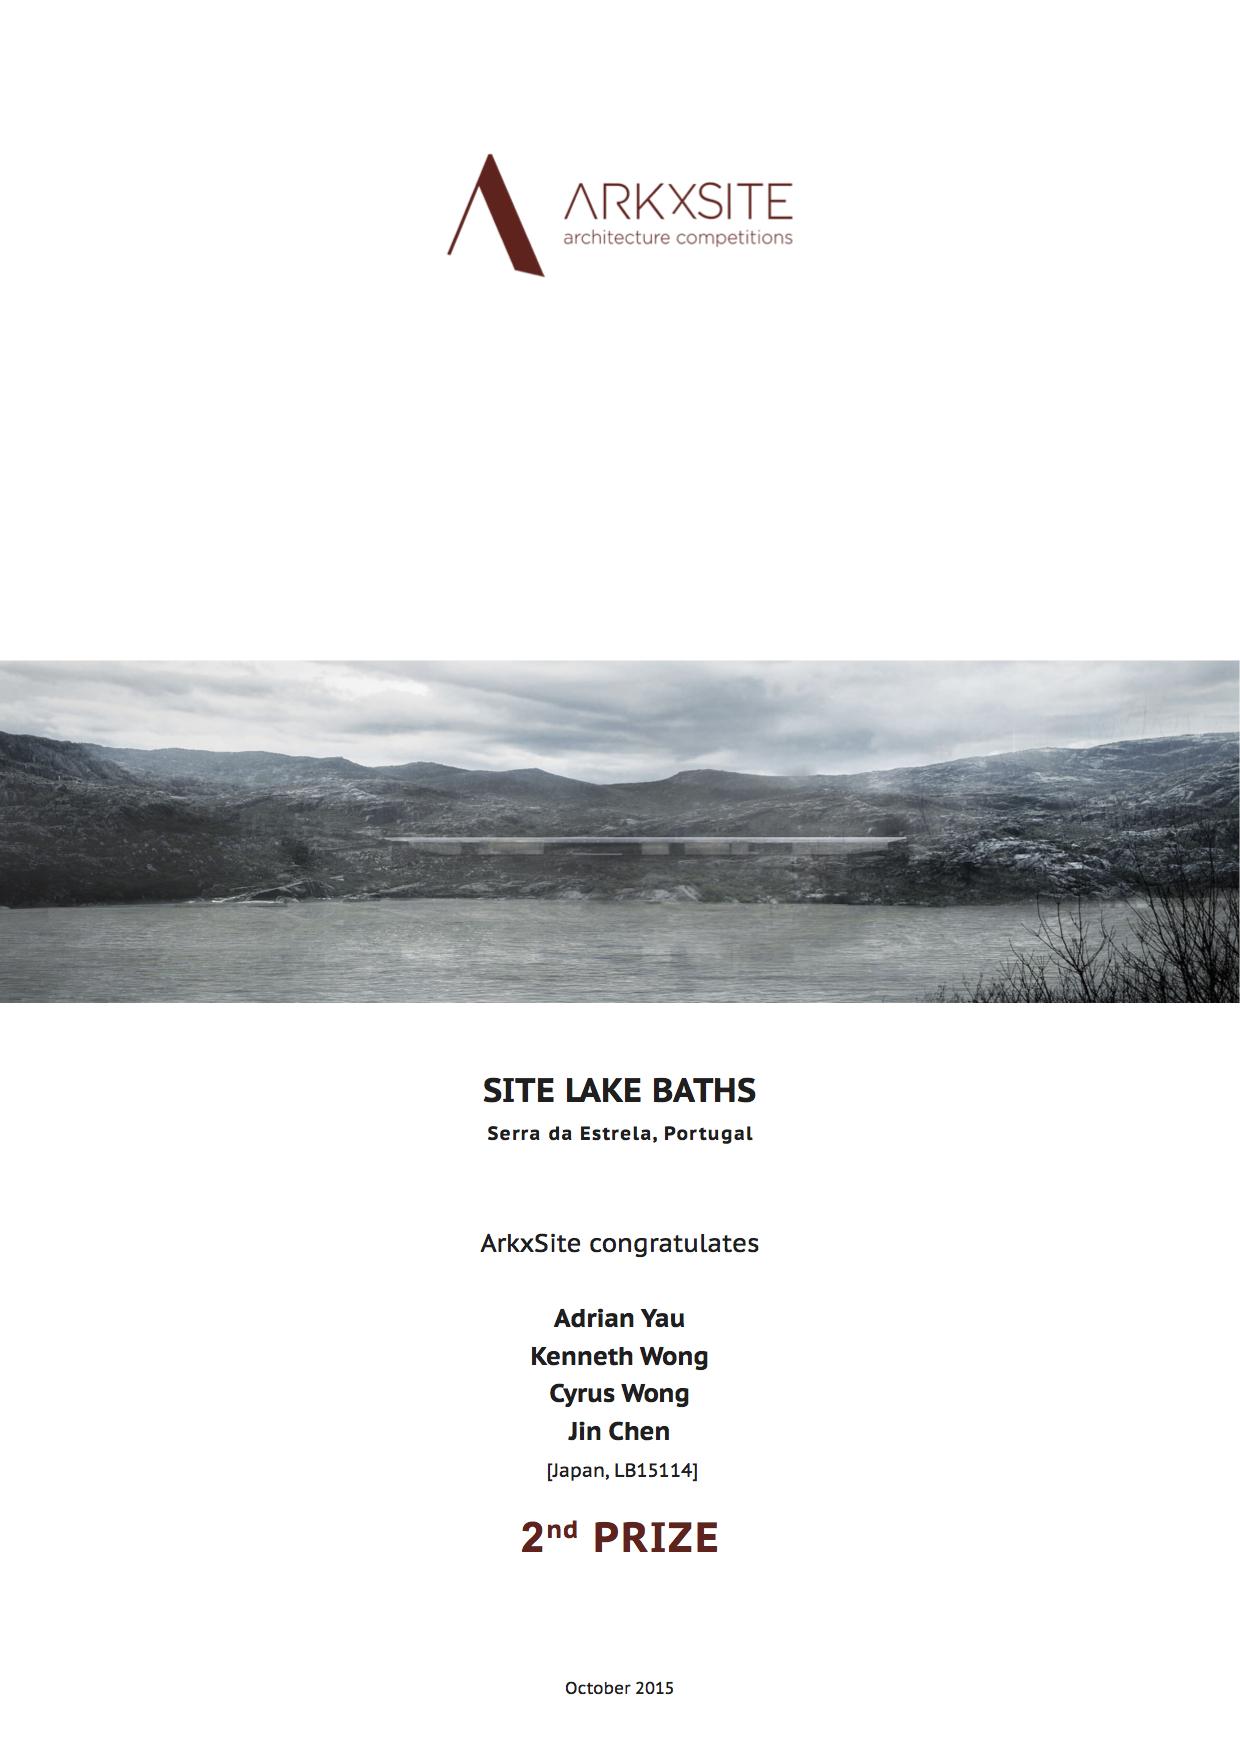 LakeBaths_2Prize.jpg